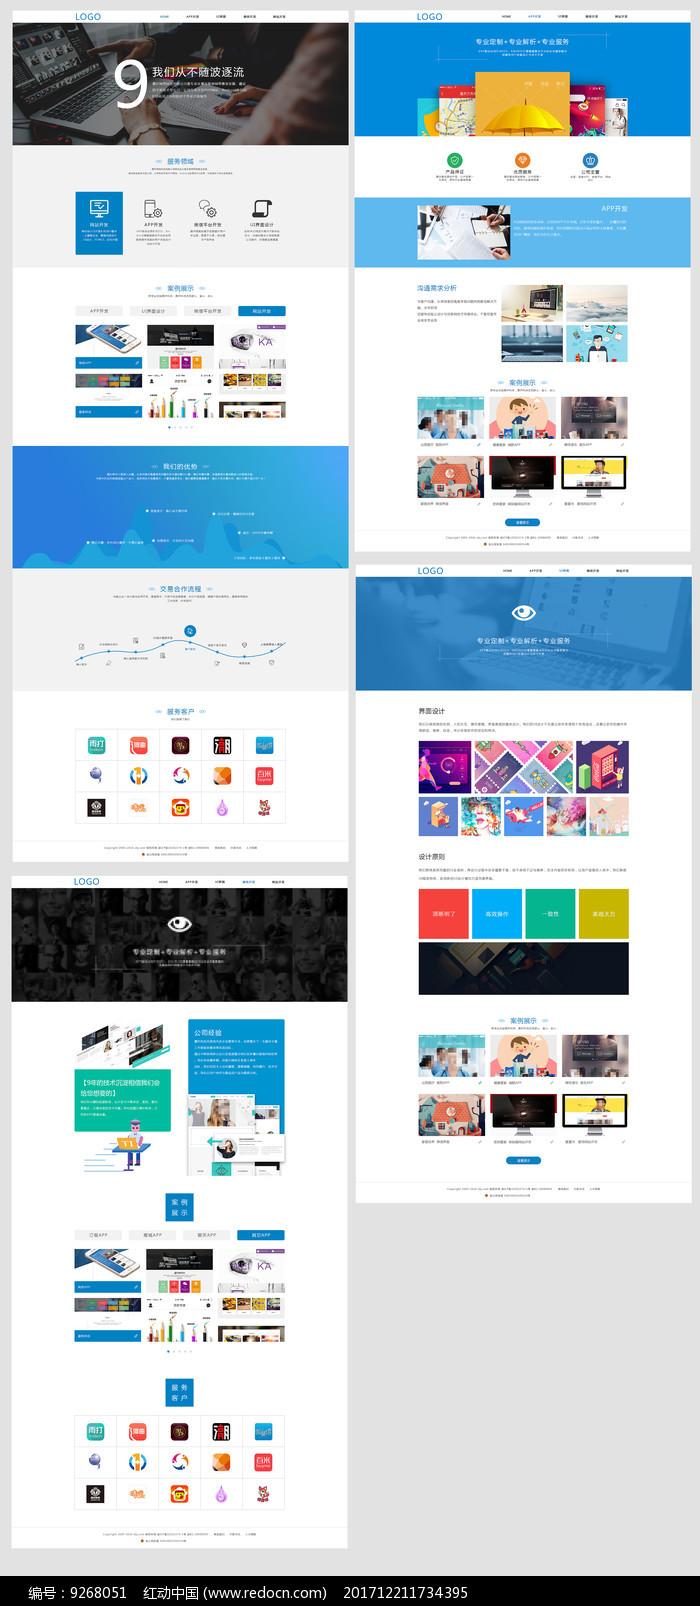 大气蓝色科技公司企业网站图片